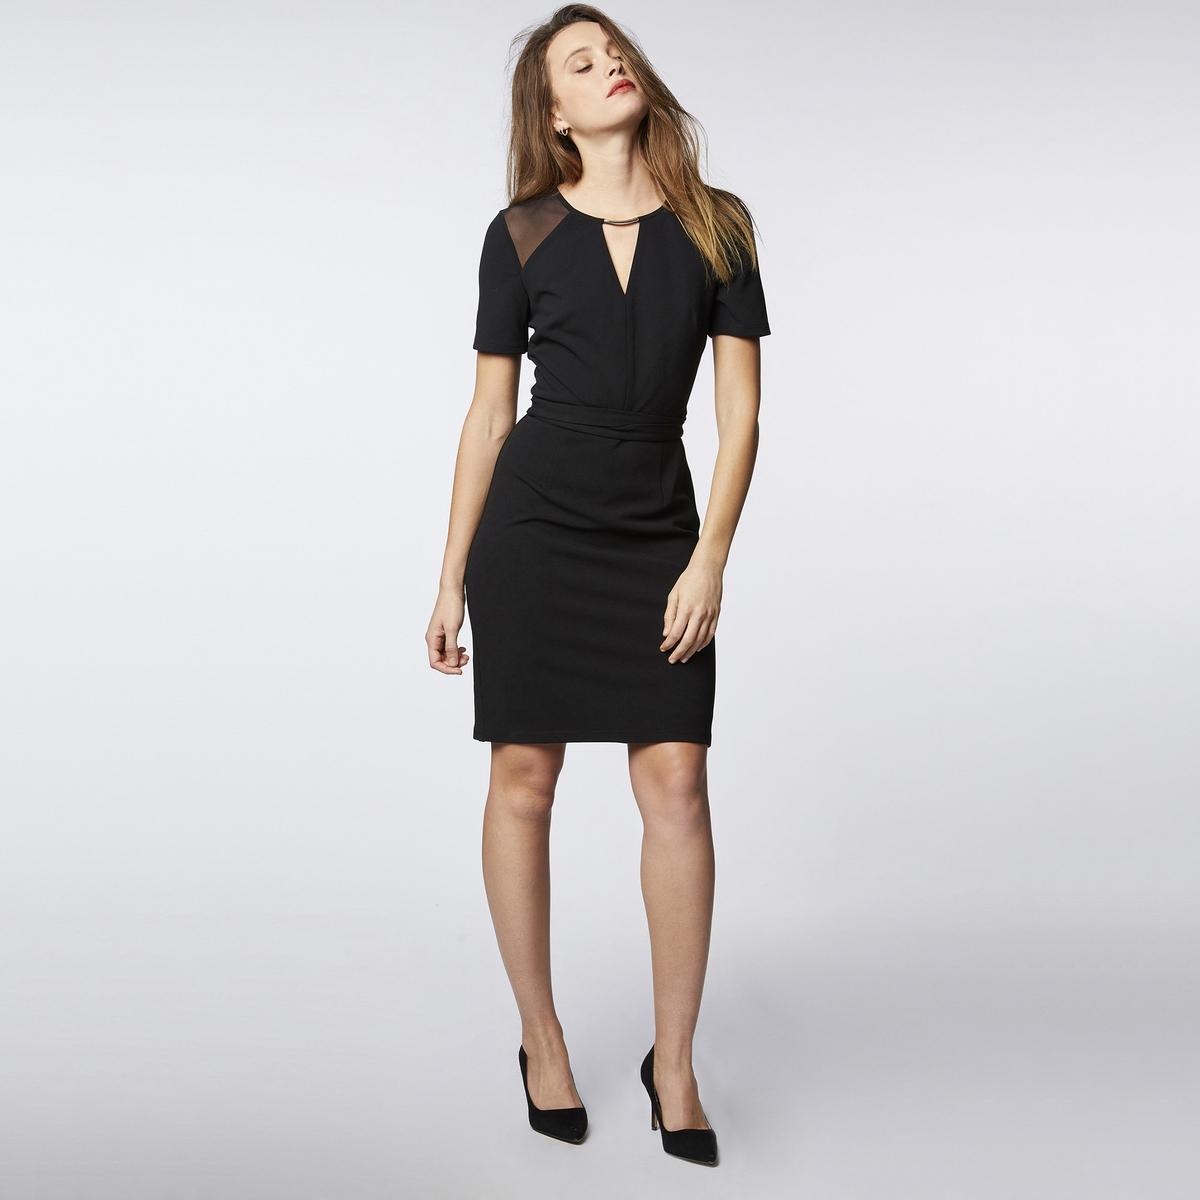 Платье La Redoute Облегающее с короткими рукавами 42 (FR) - 48 (RUS) черный платье la redoute короткое прямое с короткими рукавами 42 fr 48 rus черный